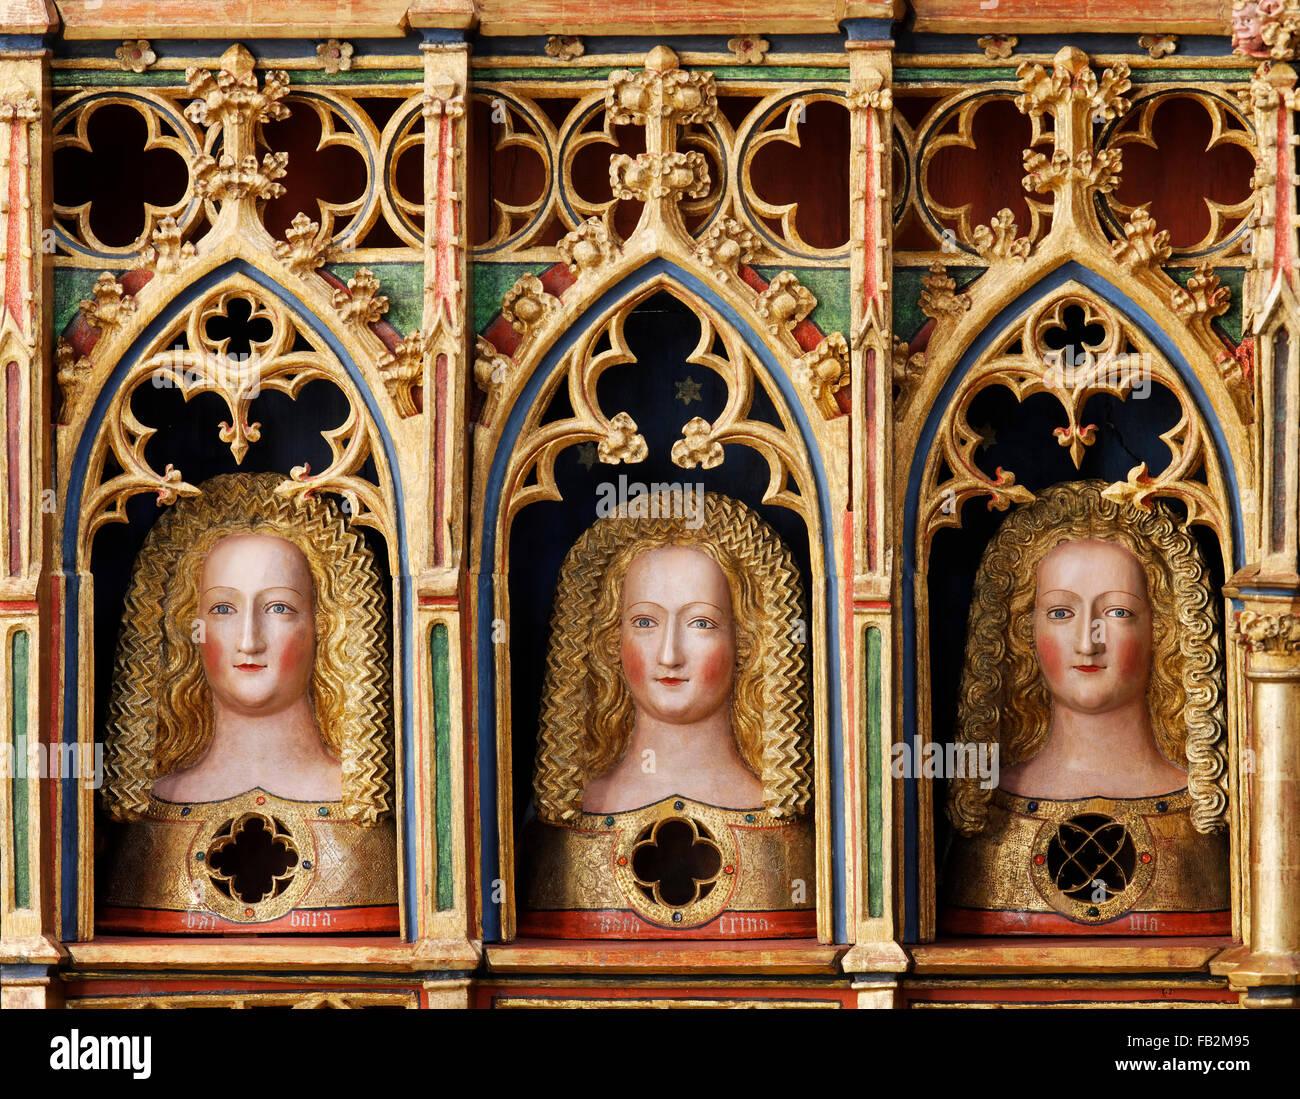 Marienstatt, Abteikirche, Ursulaaltar, Reliquienbüsten der Heiligen Ursula von Köln und ihrer Gefährtinnen - Stock Image